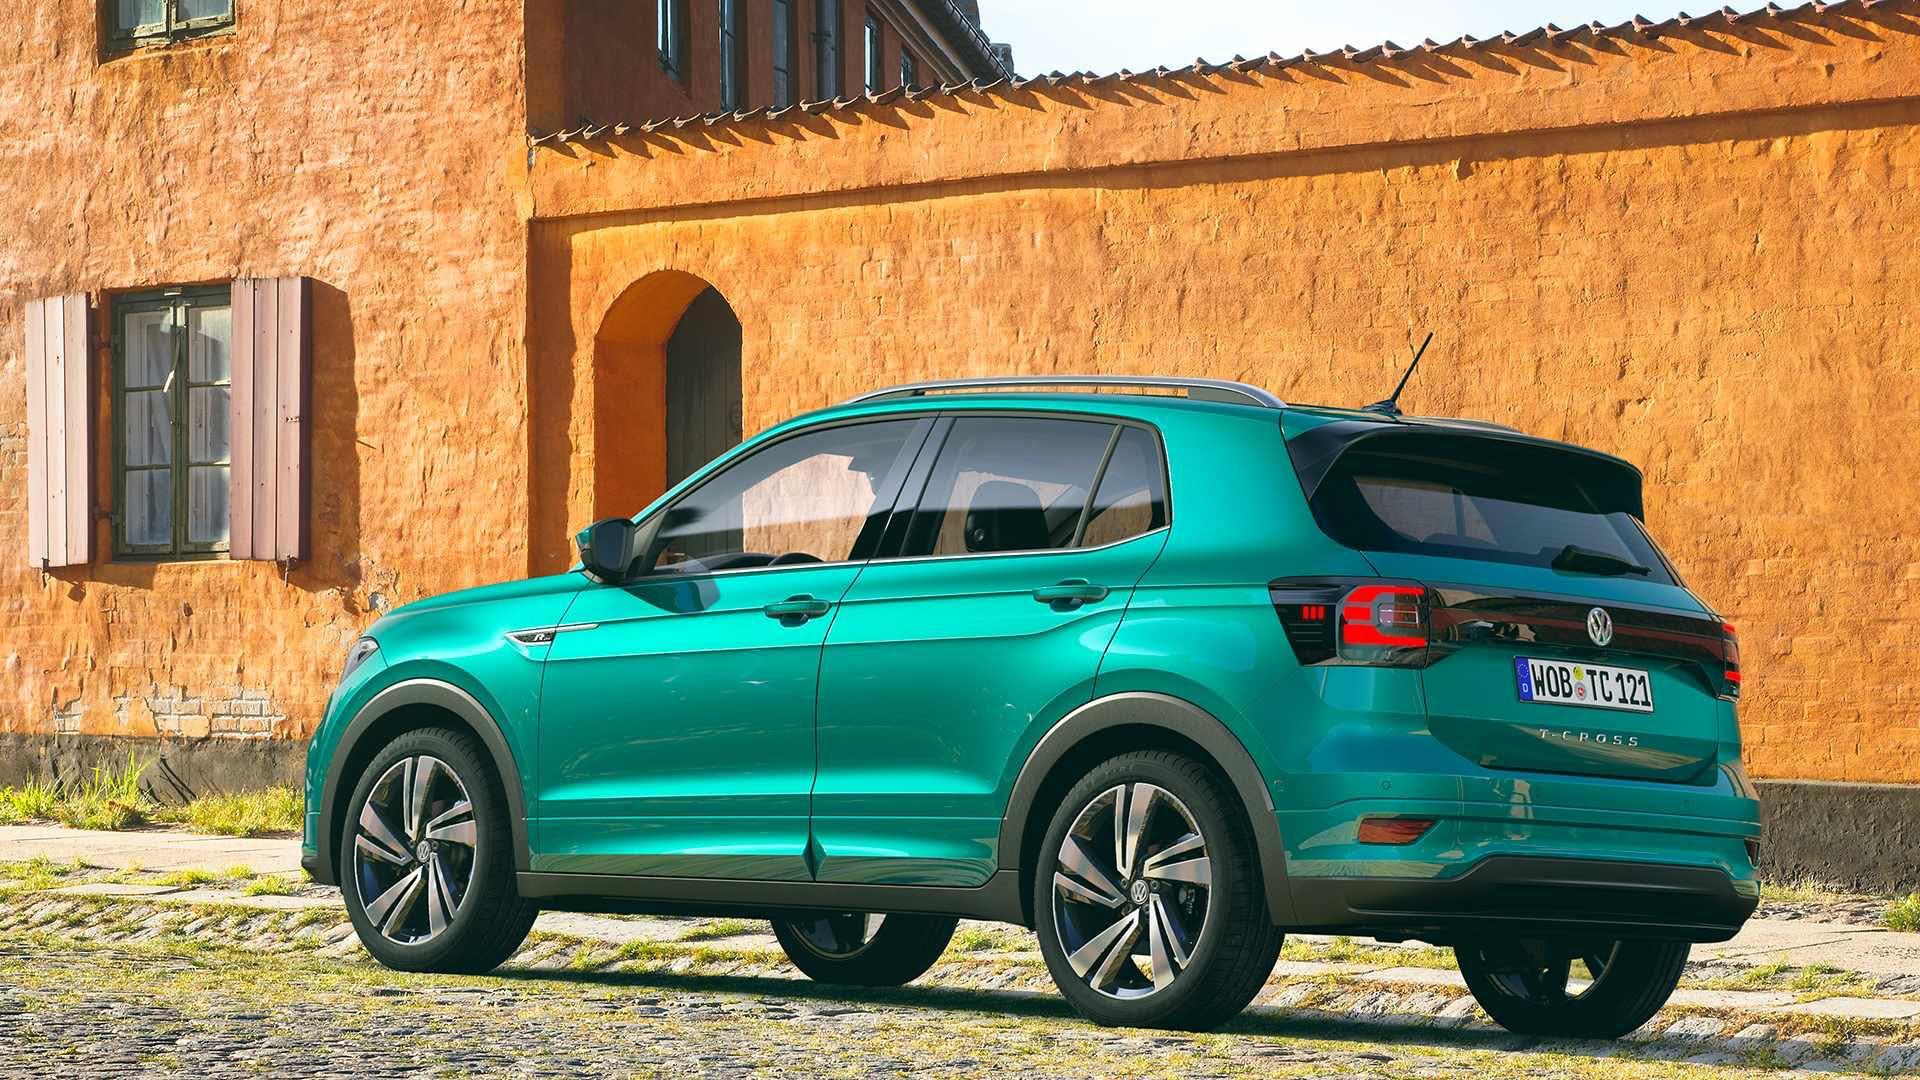 migliori auto per neopatentati Volkswagen-t-cross